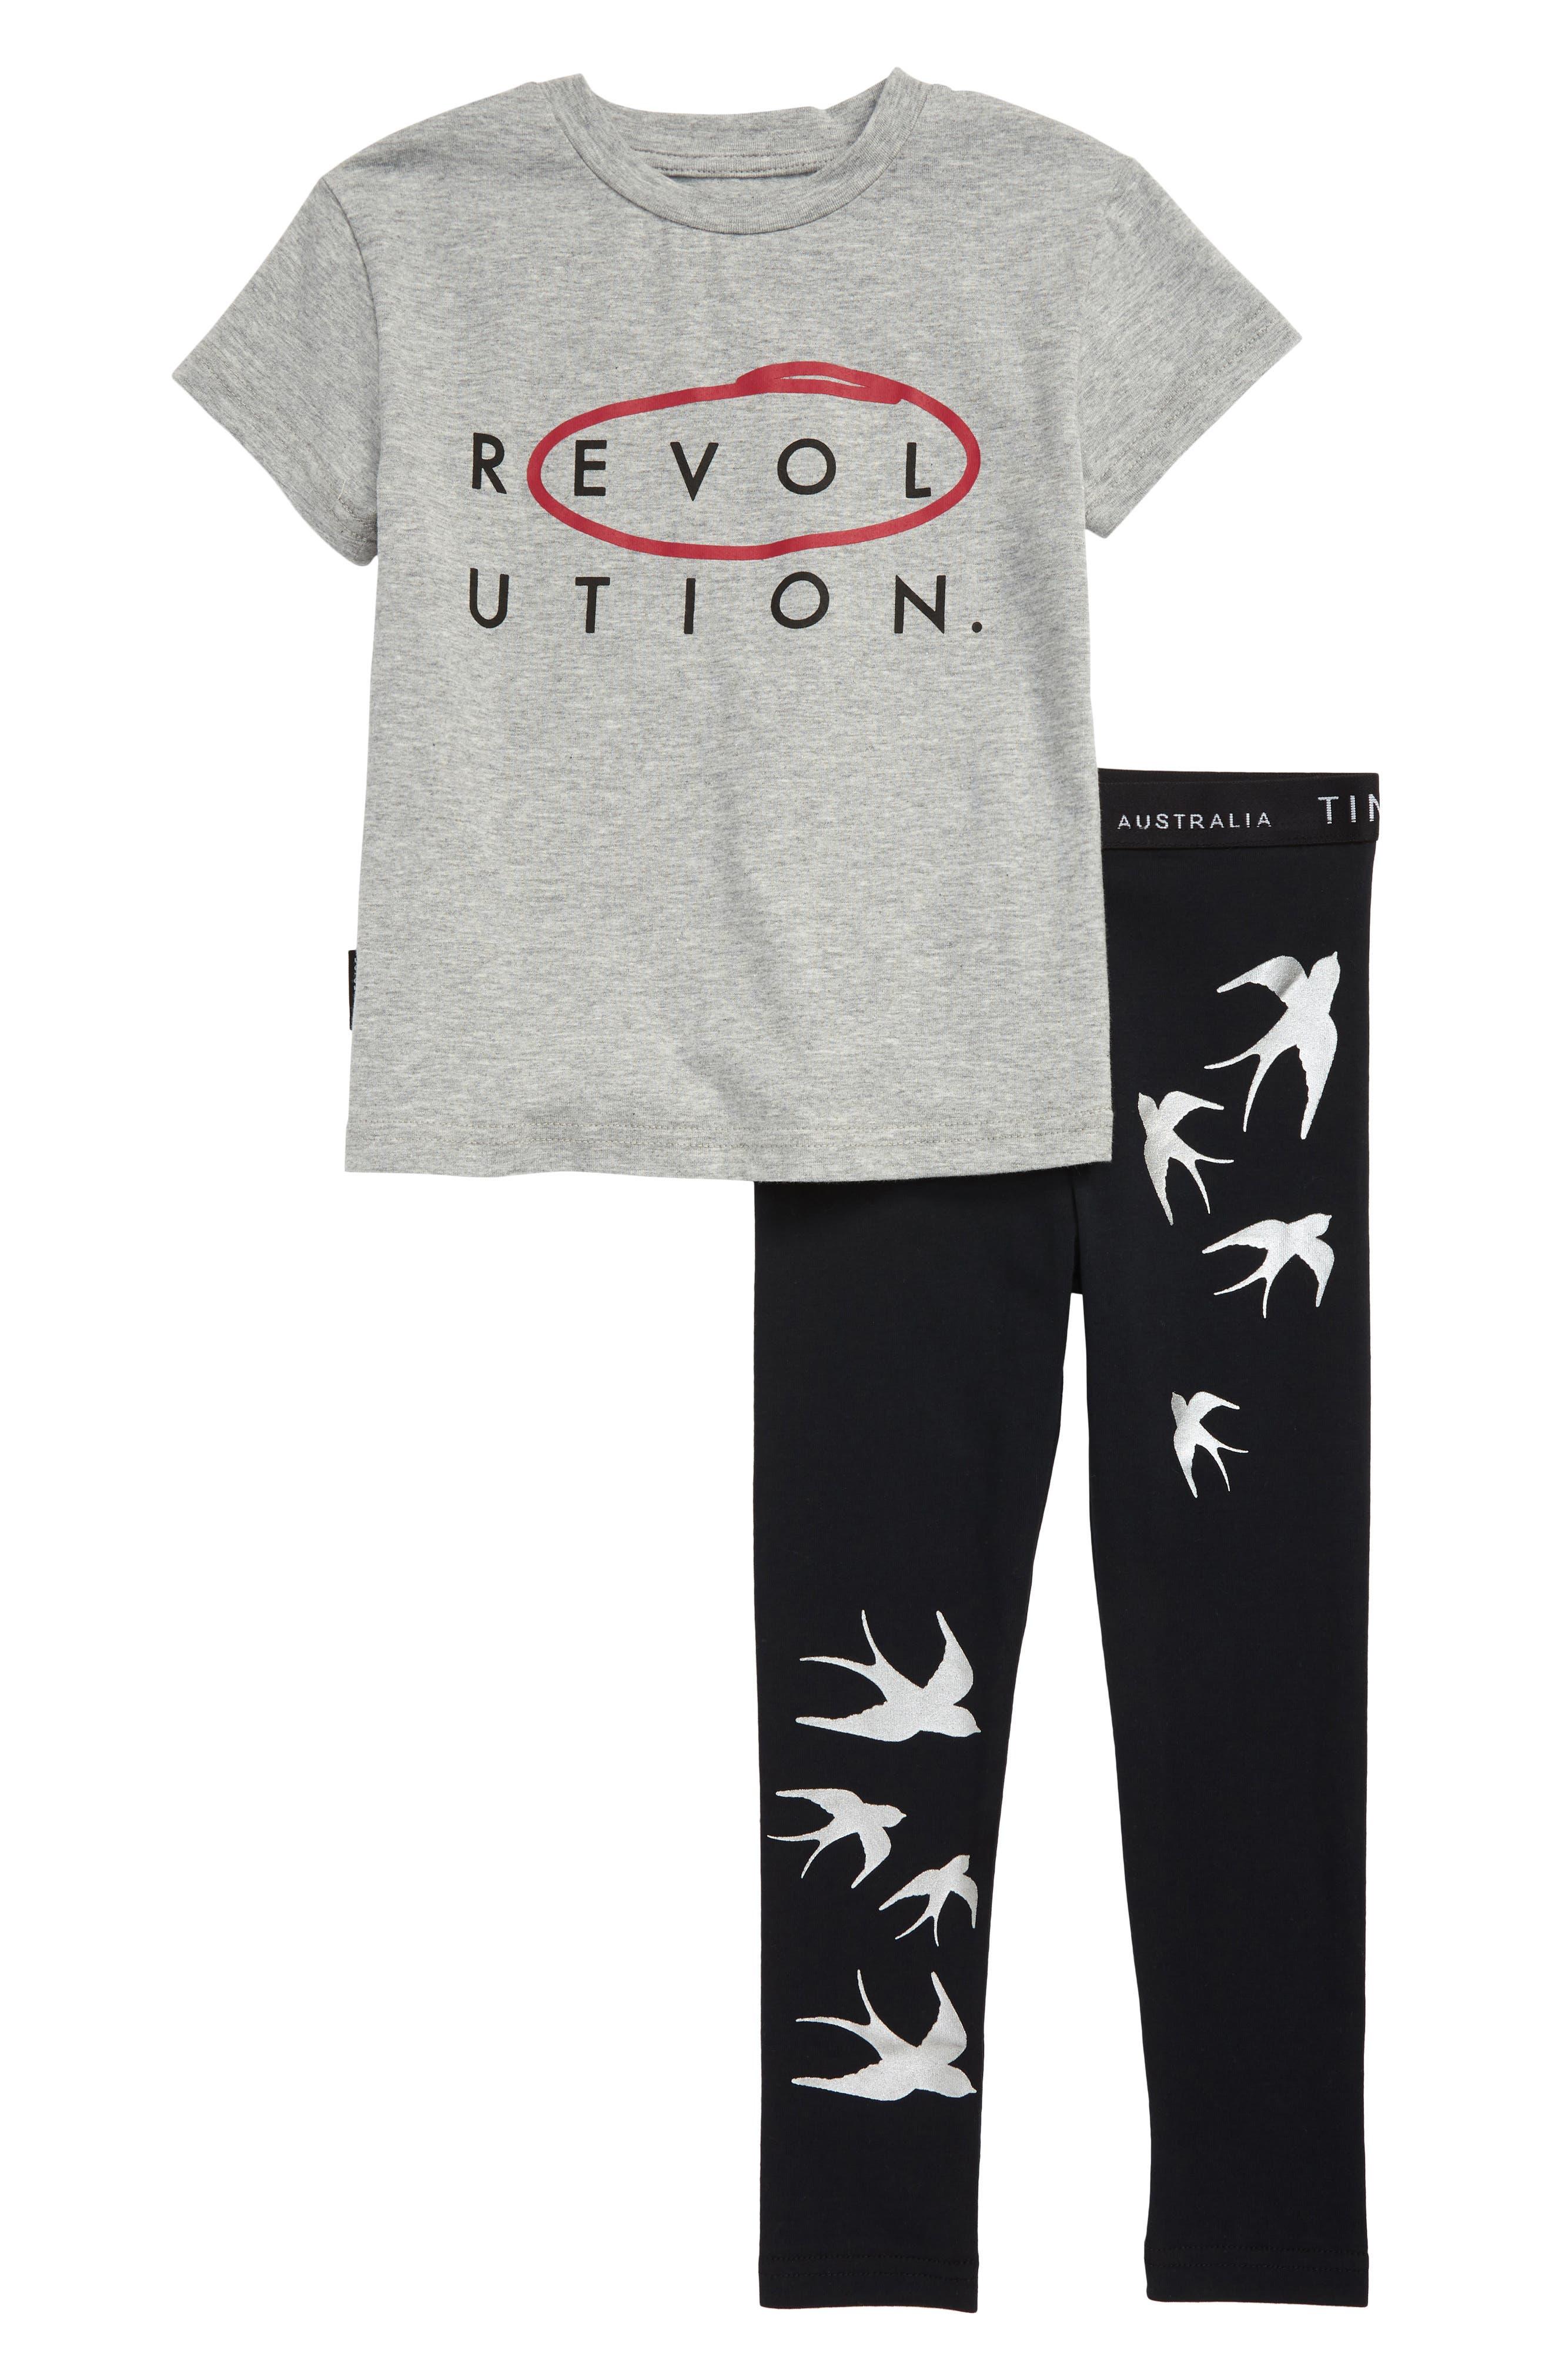 Toddler Girls Tiny Tribe Revolution Graphic Tee  Leggings Set